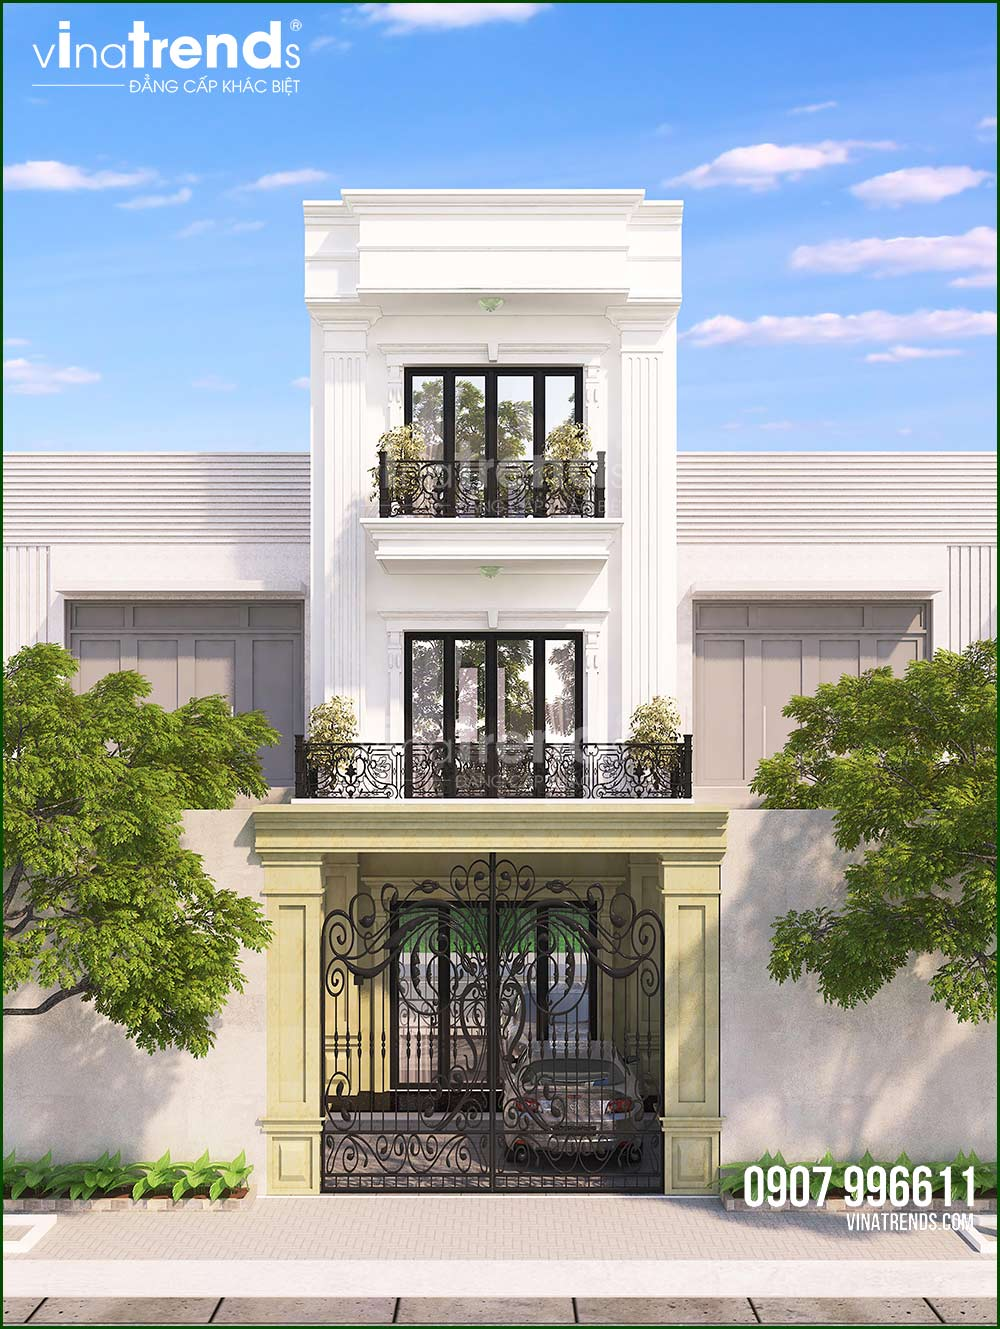 mau mat tien nha 3 tang mat tien 5m dep 15+ mẫu nhà 2 3 4 5 tầng mặt tiền 4m trở lên đẹp sang tiện nghi từ khách VinaTrends đã xây dựng